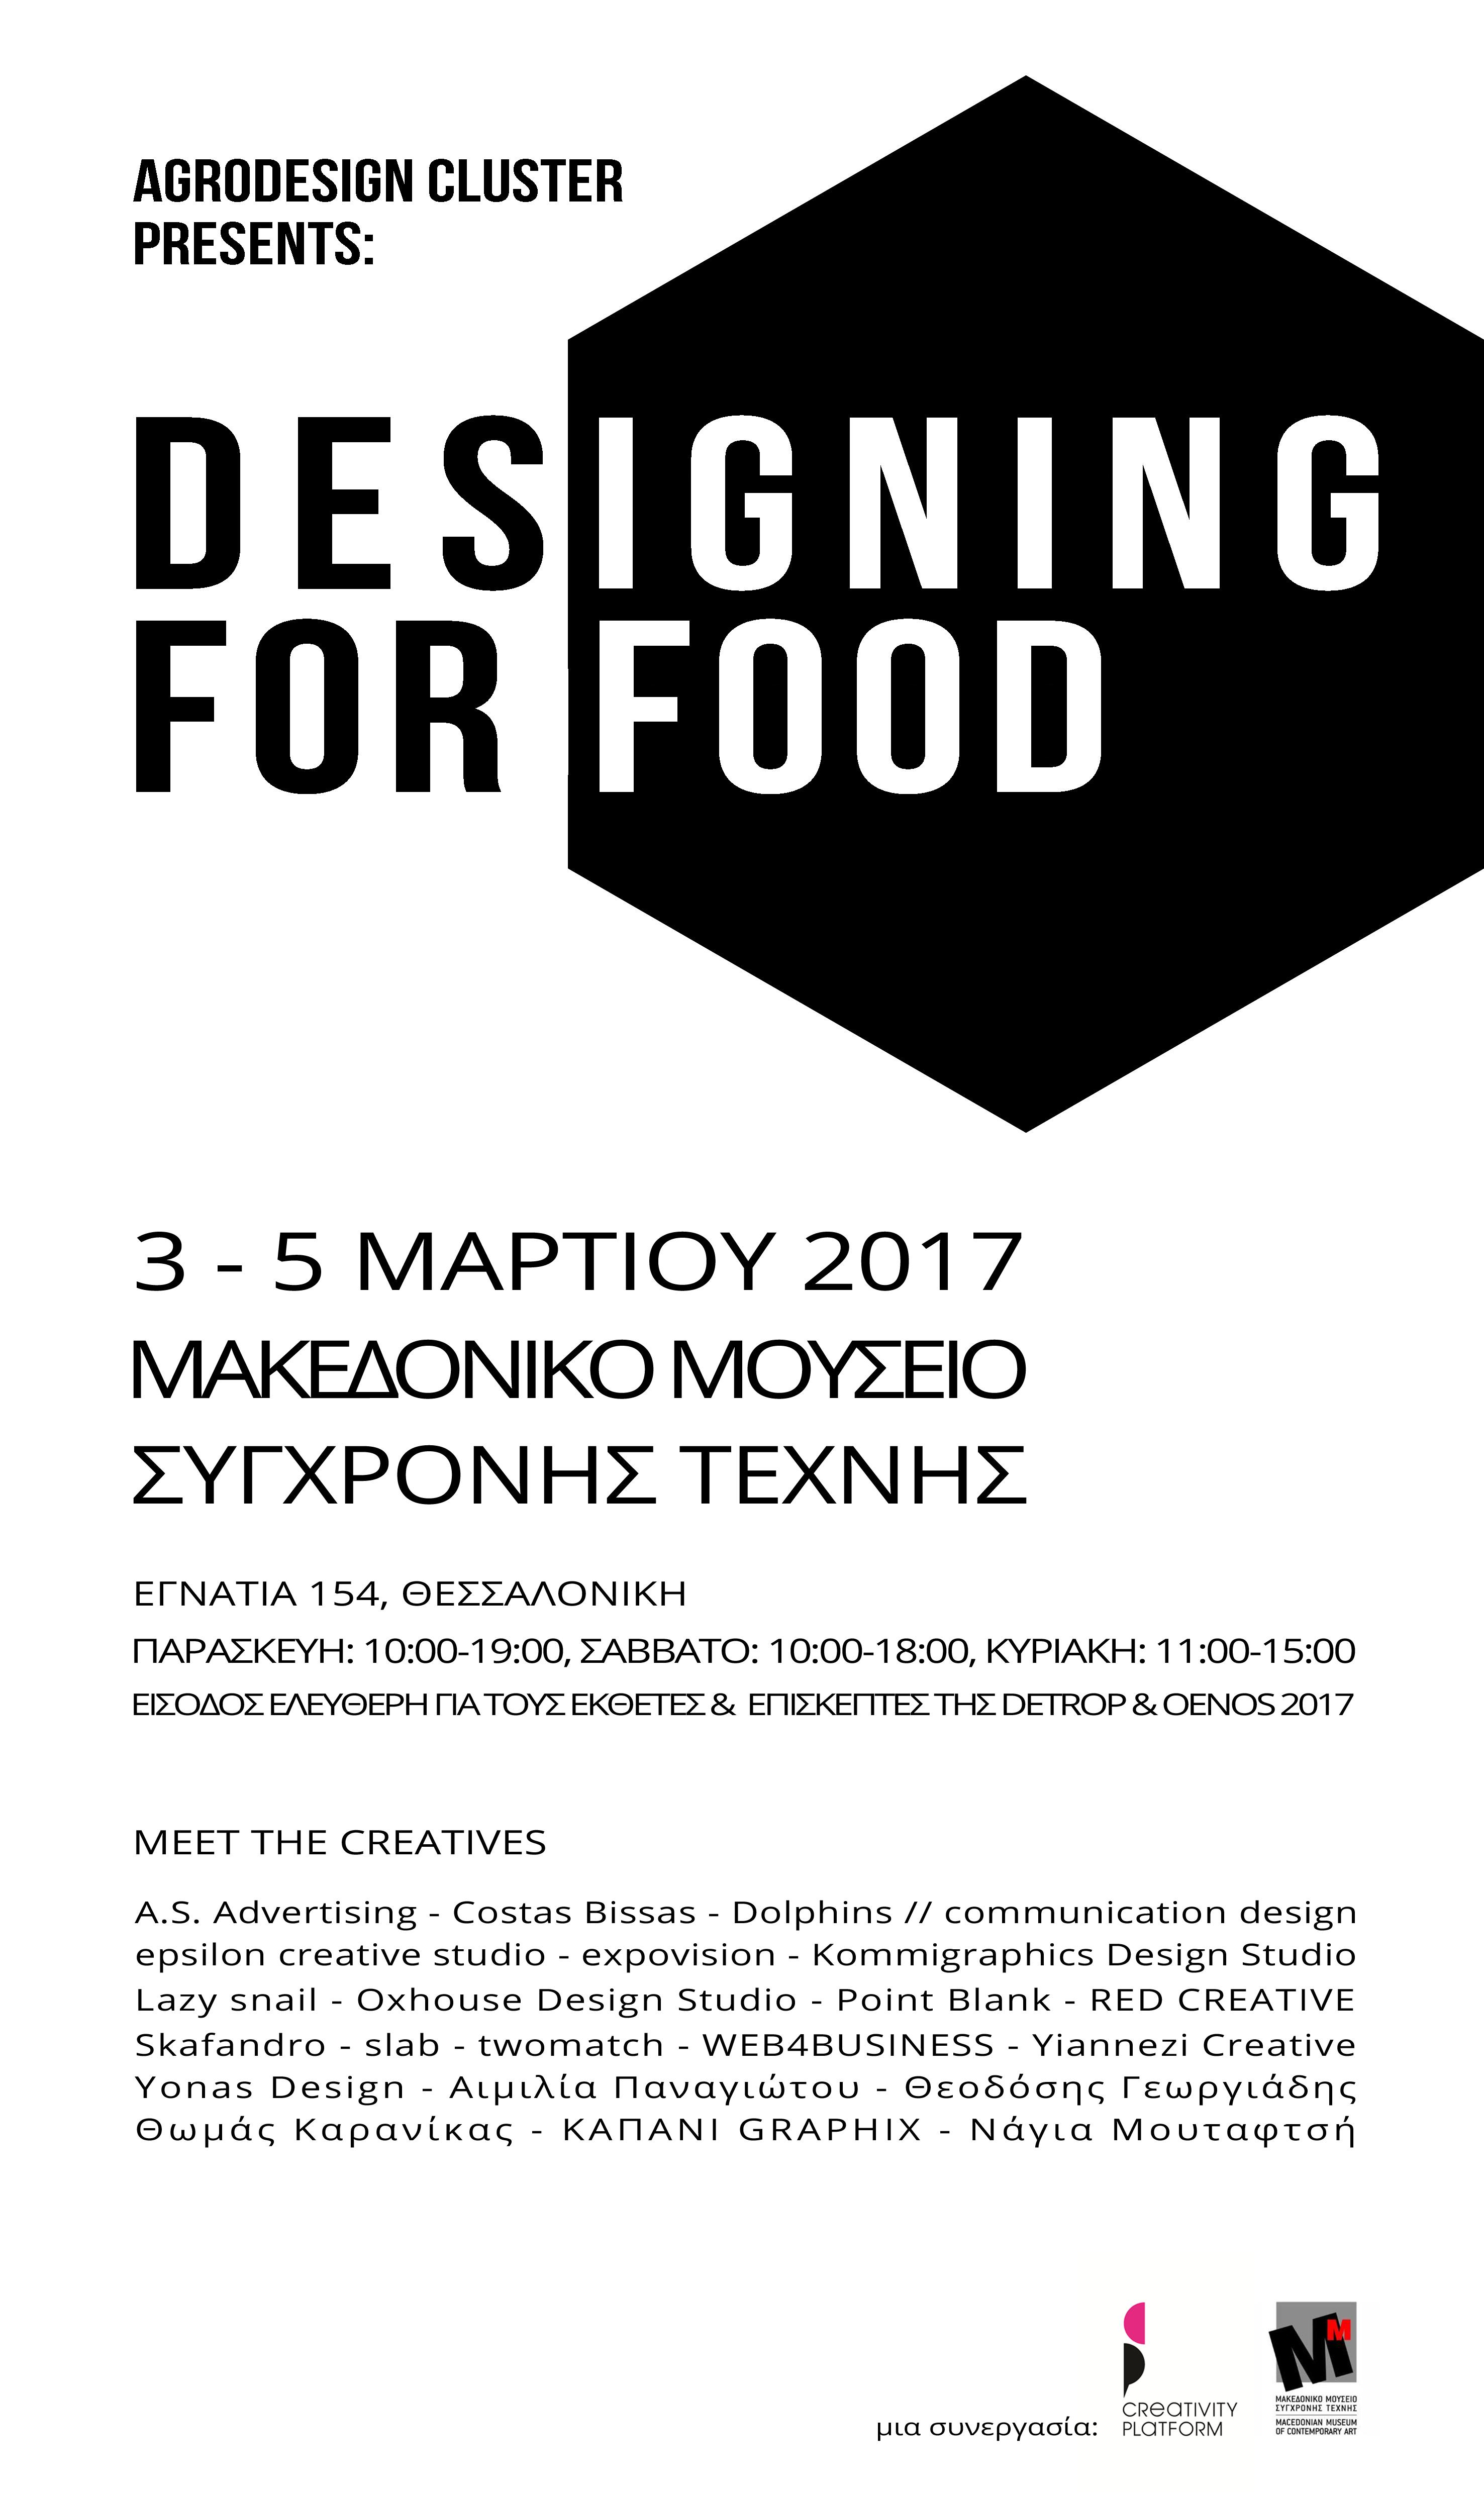 DesigningForFood_Poster